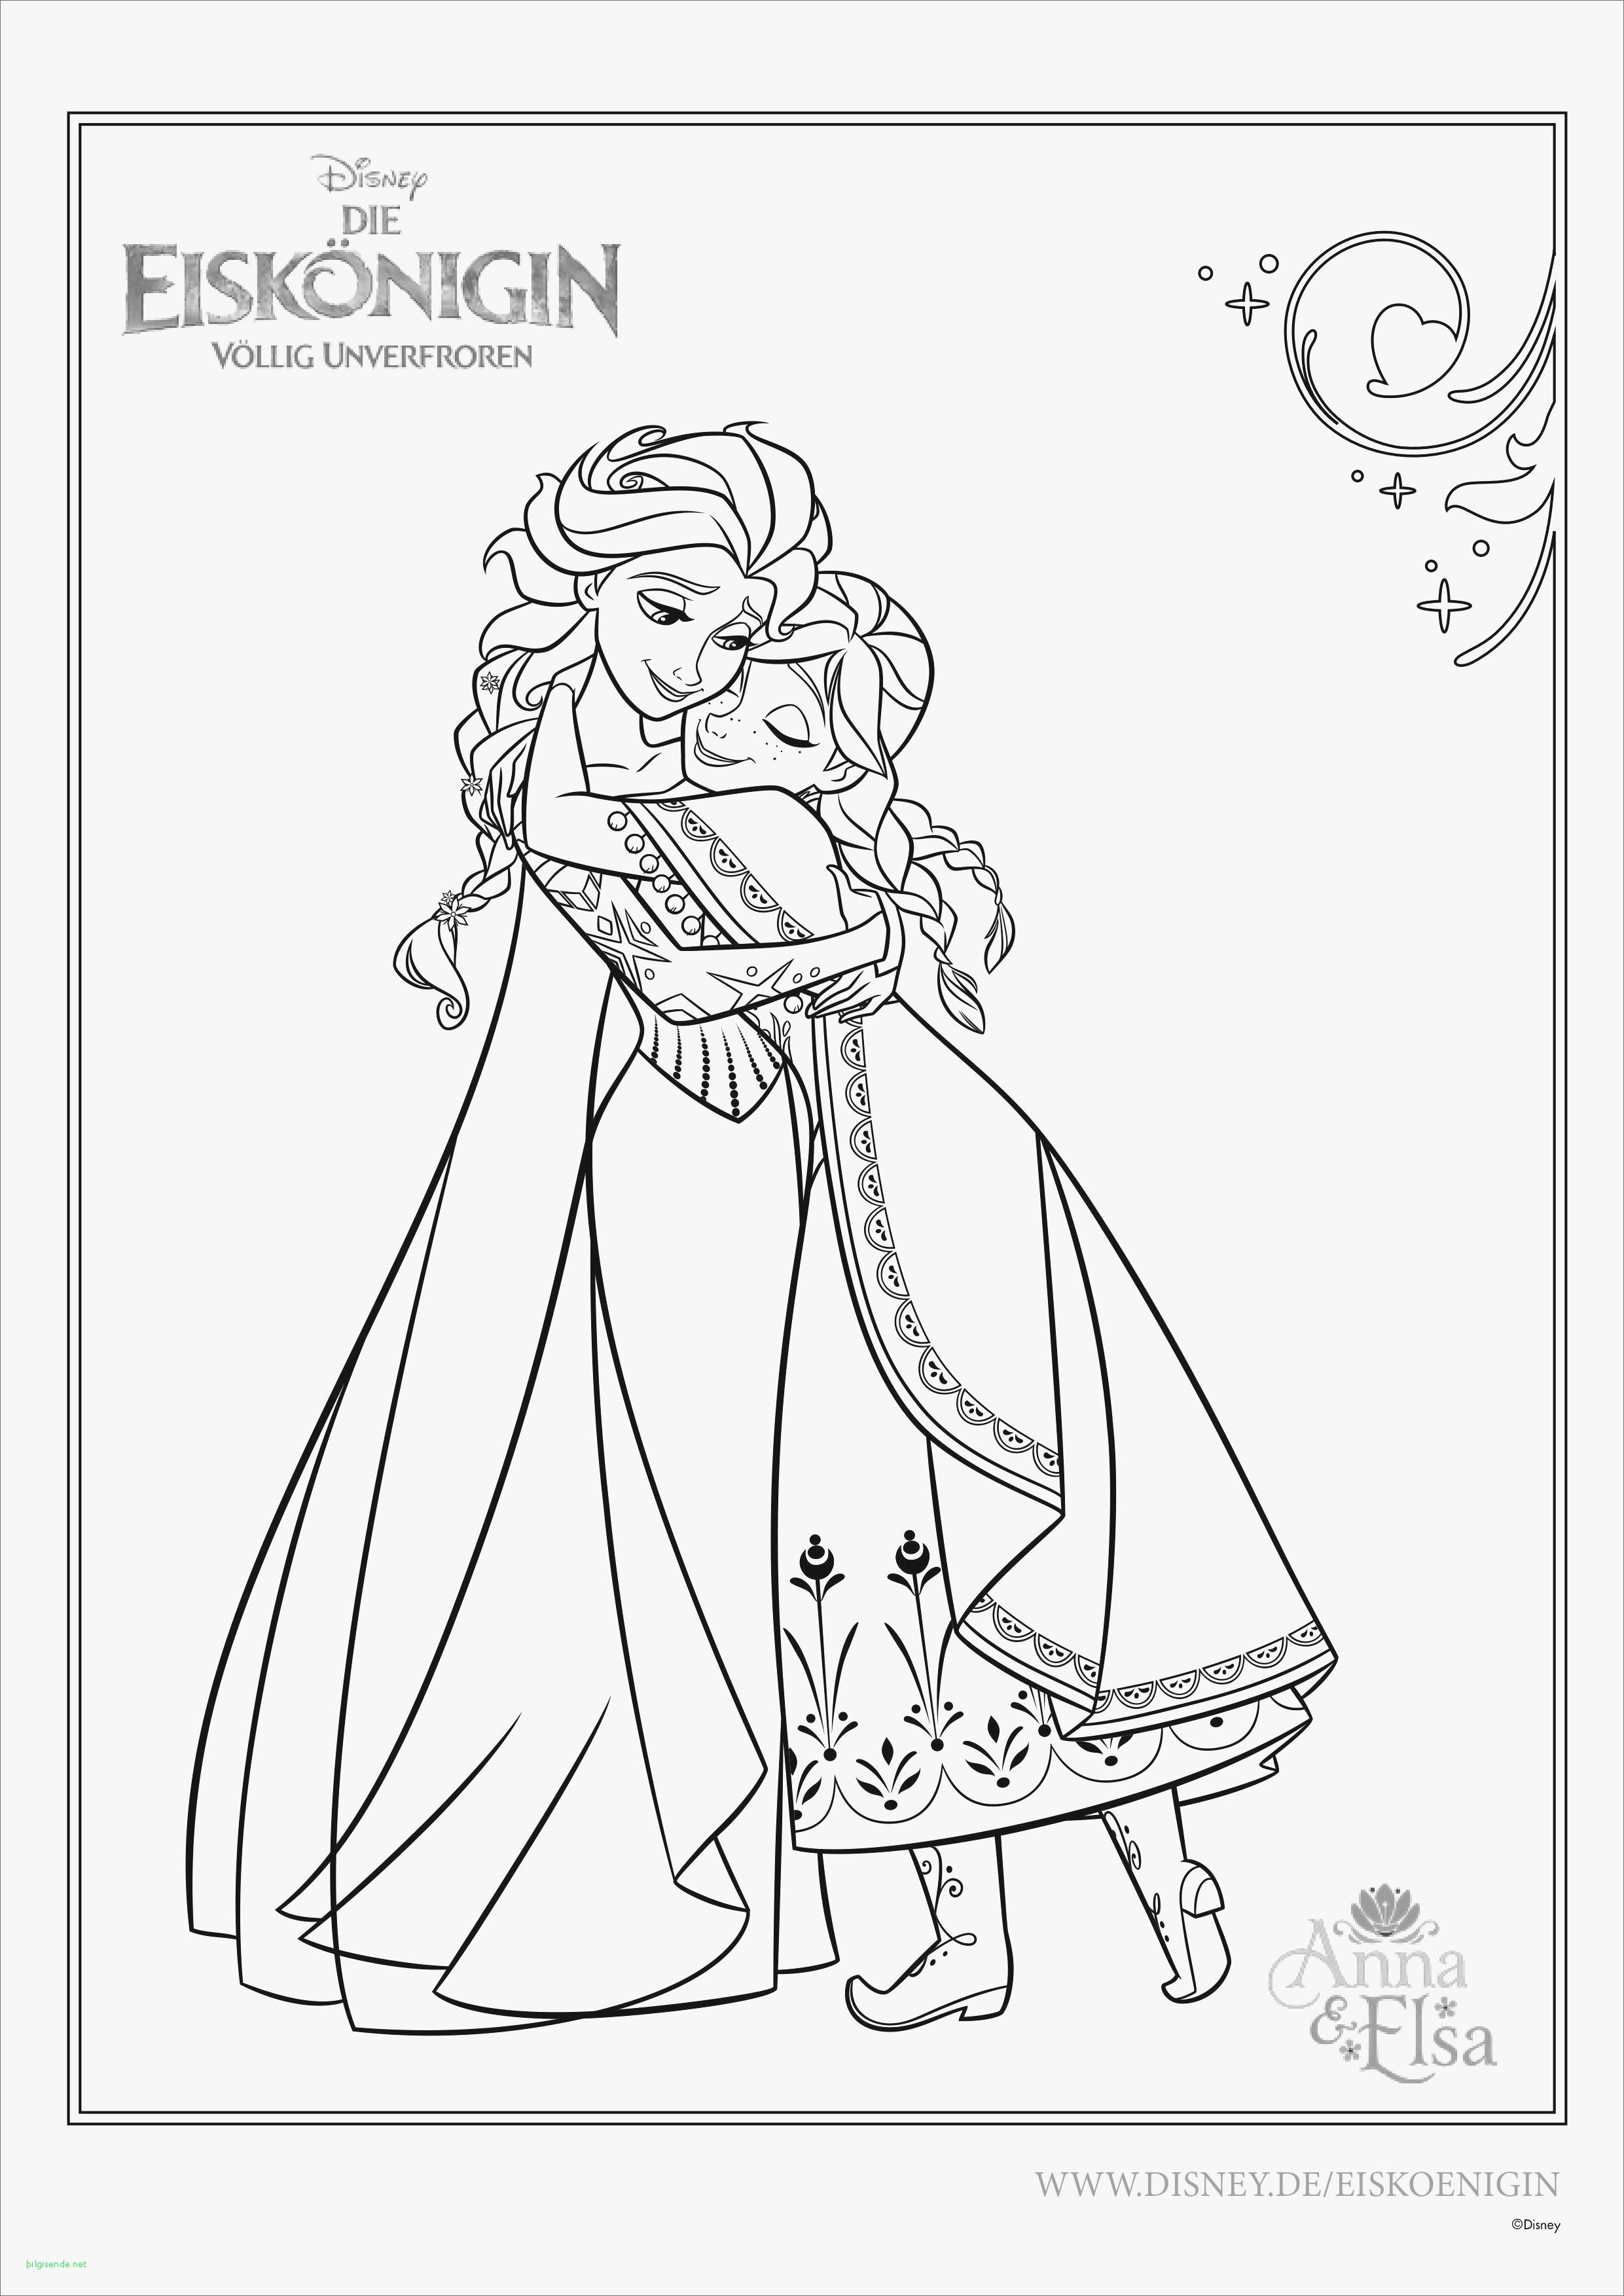 98 Neu Malvorlage Anna Und Elsa Sammlung Ausmalbild Eiskonigin Elsa Ausmalbild Malvorlagen Eiskonigin